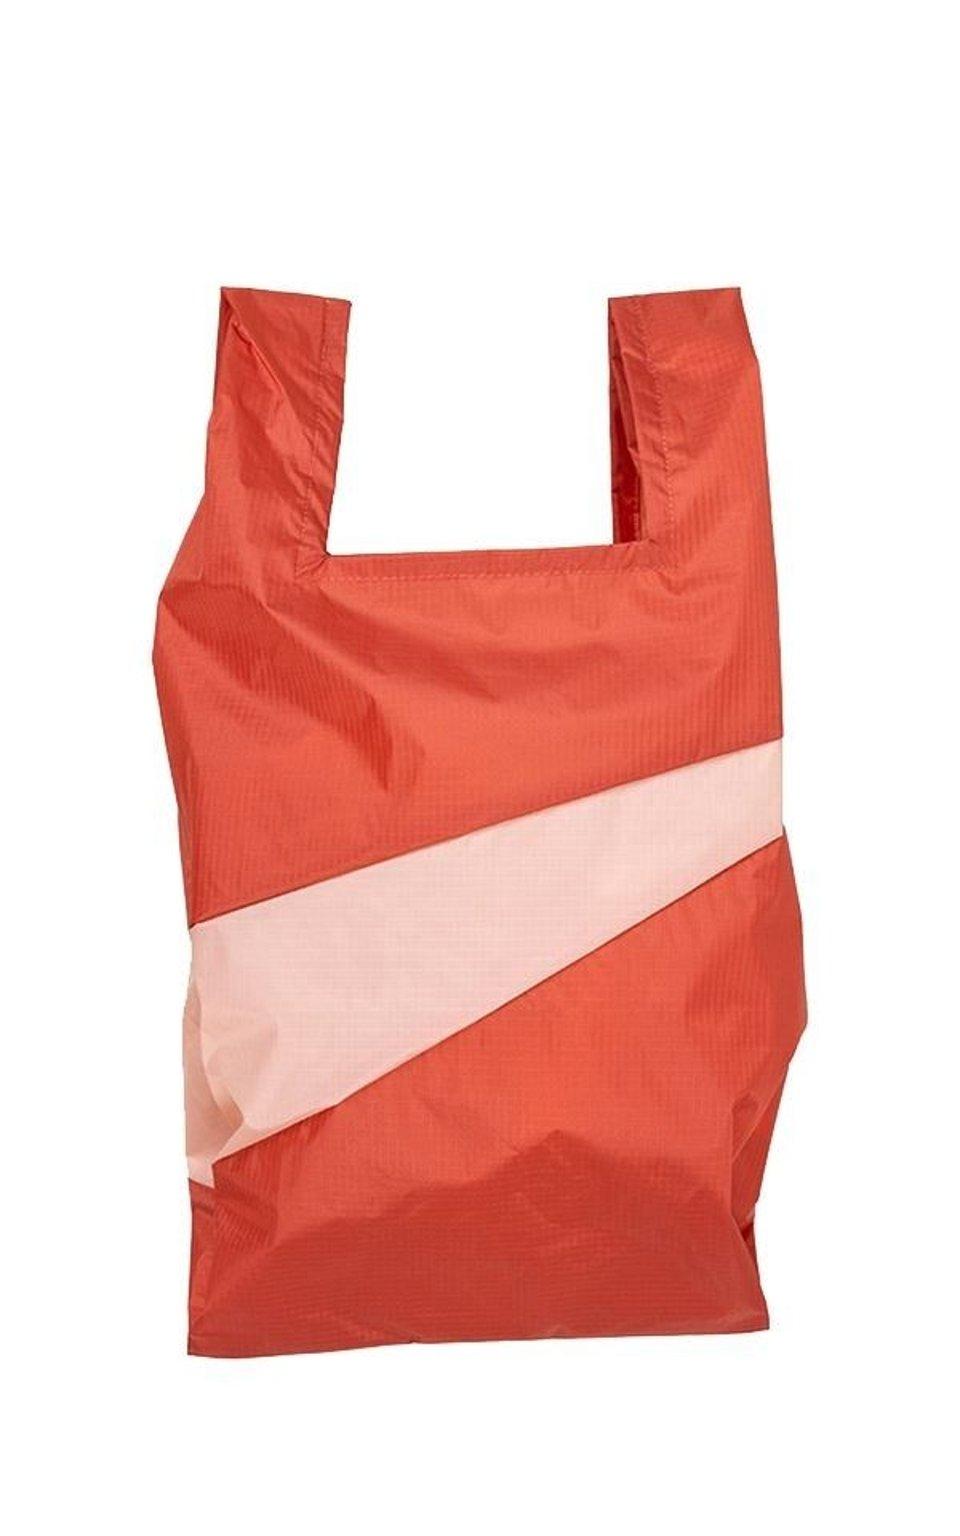 Shopping Bag #7